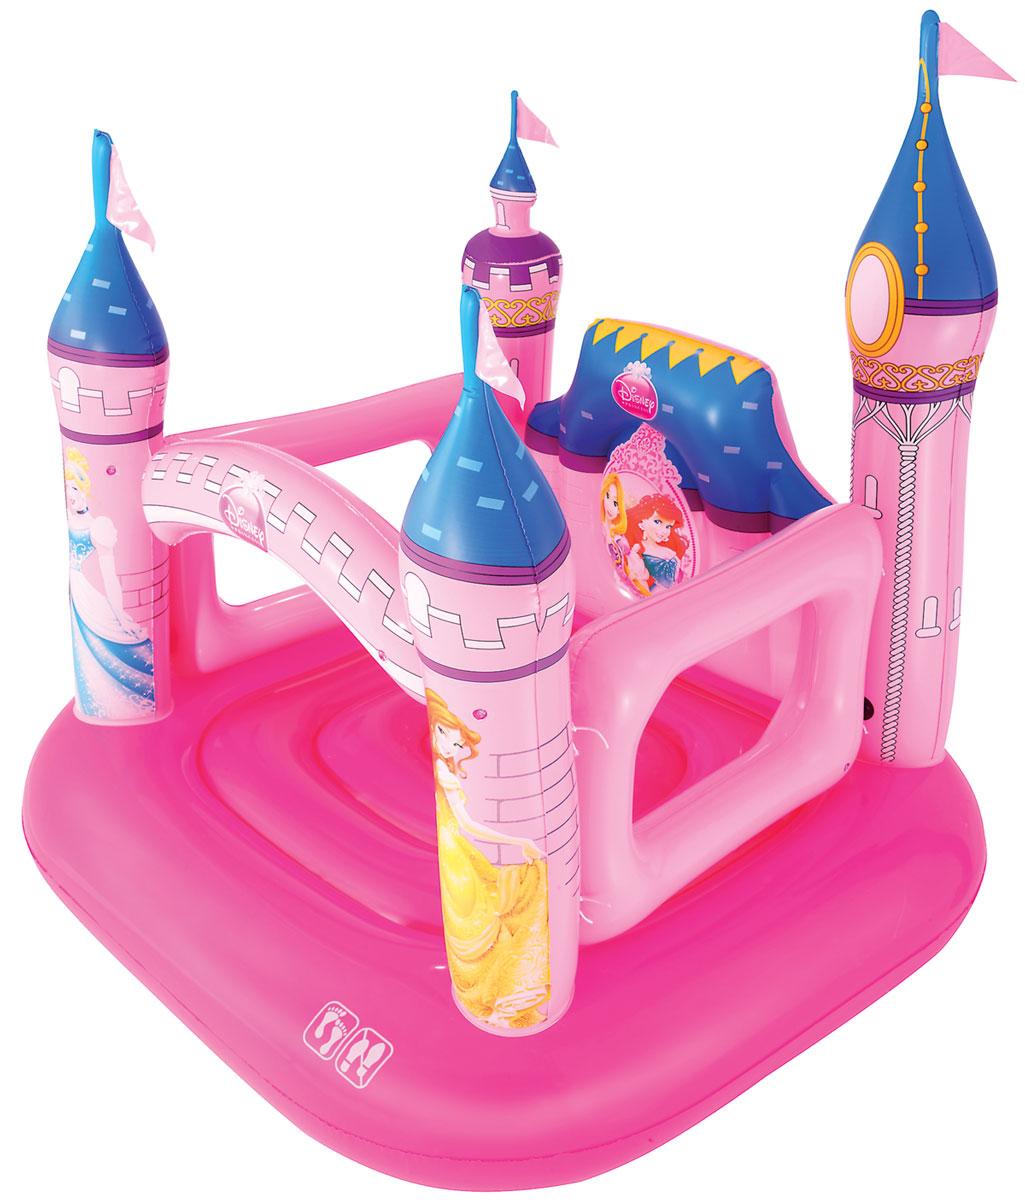 """Детский надувной батут Bestway """"Замок"""" идеально подойдет для веселых детских игр, как на улице, так и дома. Батут представляет собой абсолютно безопасную конструкцию, изготовлен из прочного и испытанного винила. Батут имеет съемные прочные стены. На нем можно выполнять как простые прыжки, так и гимнастические упражнения. Батут имеет предохранительные клапаны. Оформлен в стиле диснеевских принцесс. С детским надувным батутом в любое время года можно устроить незабываемый день рождения."""